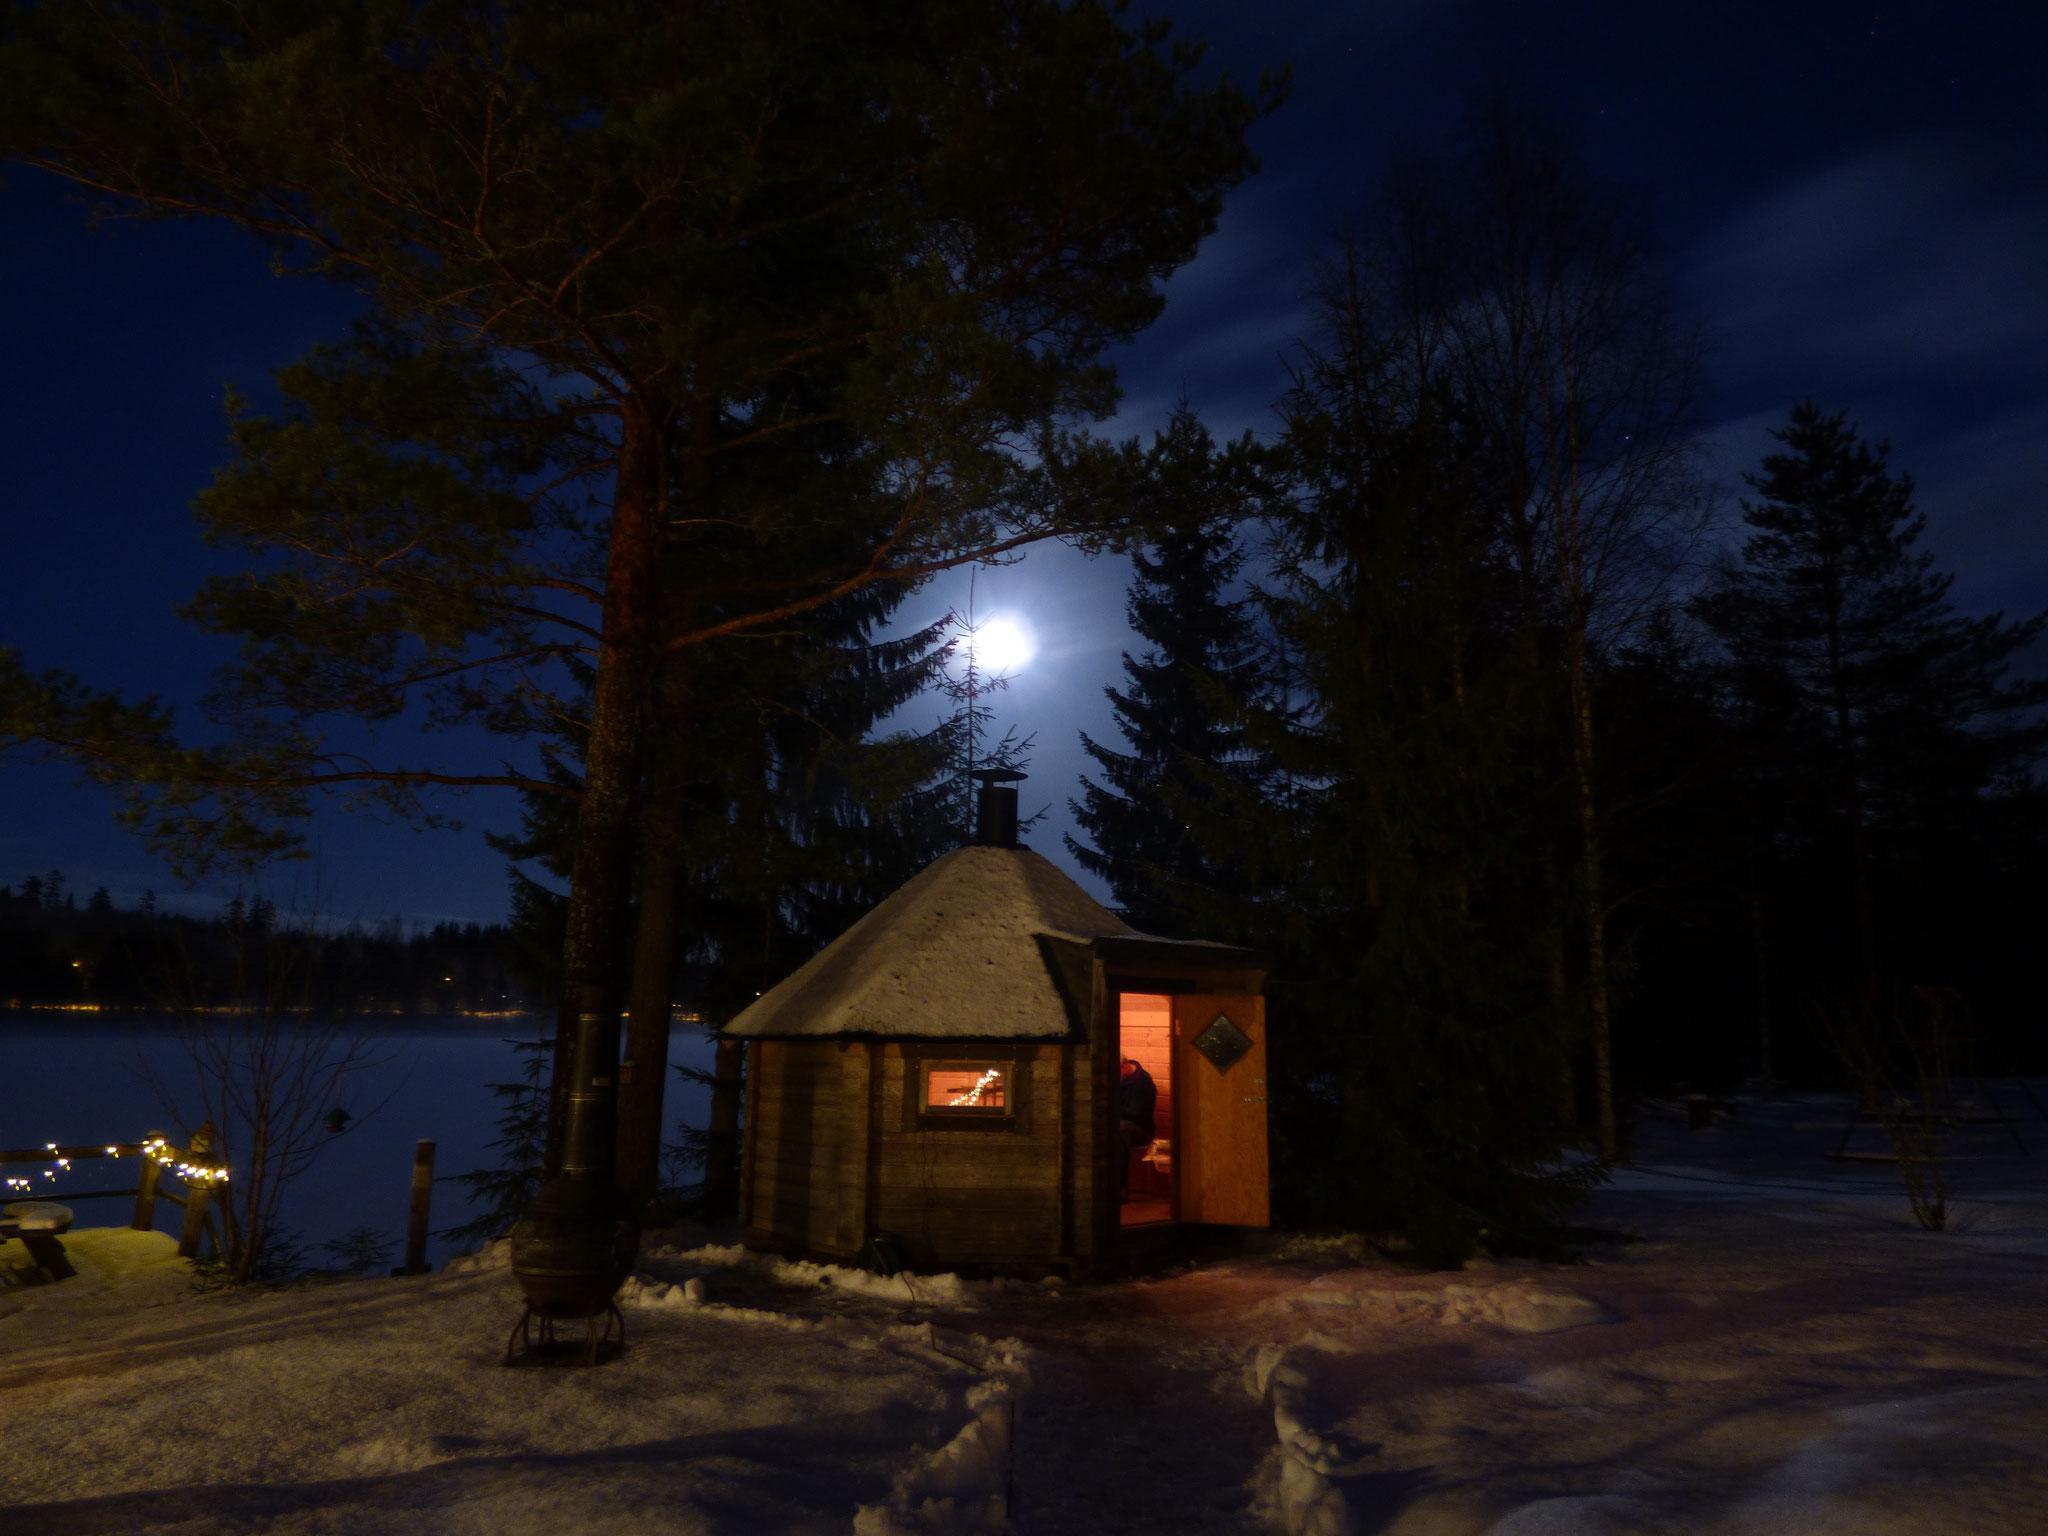 Fullmåne över Grillkåtan